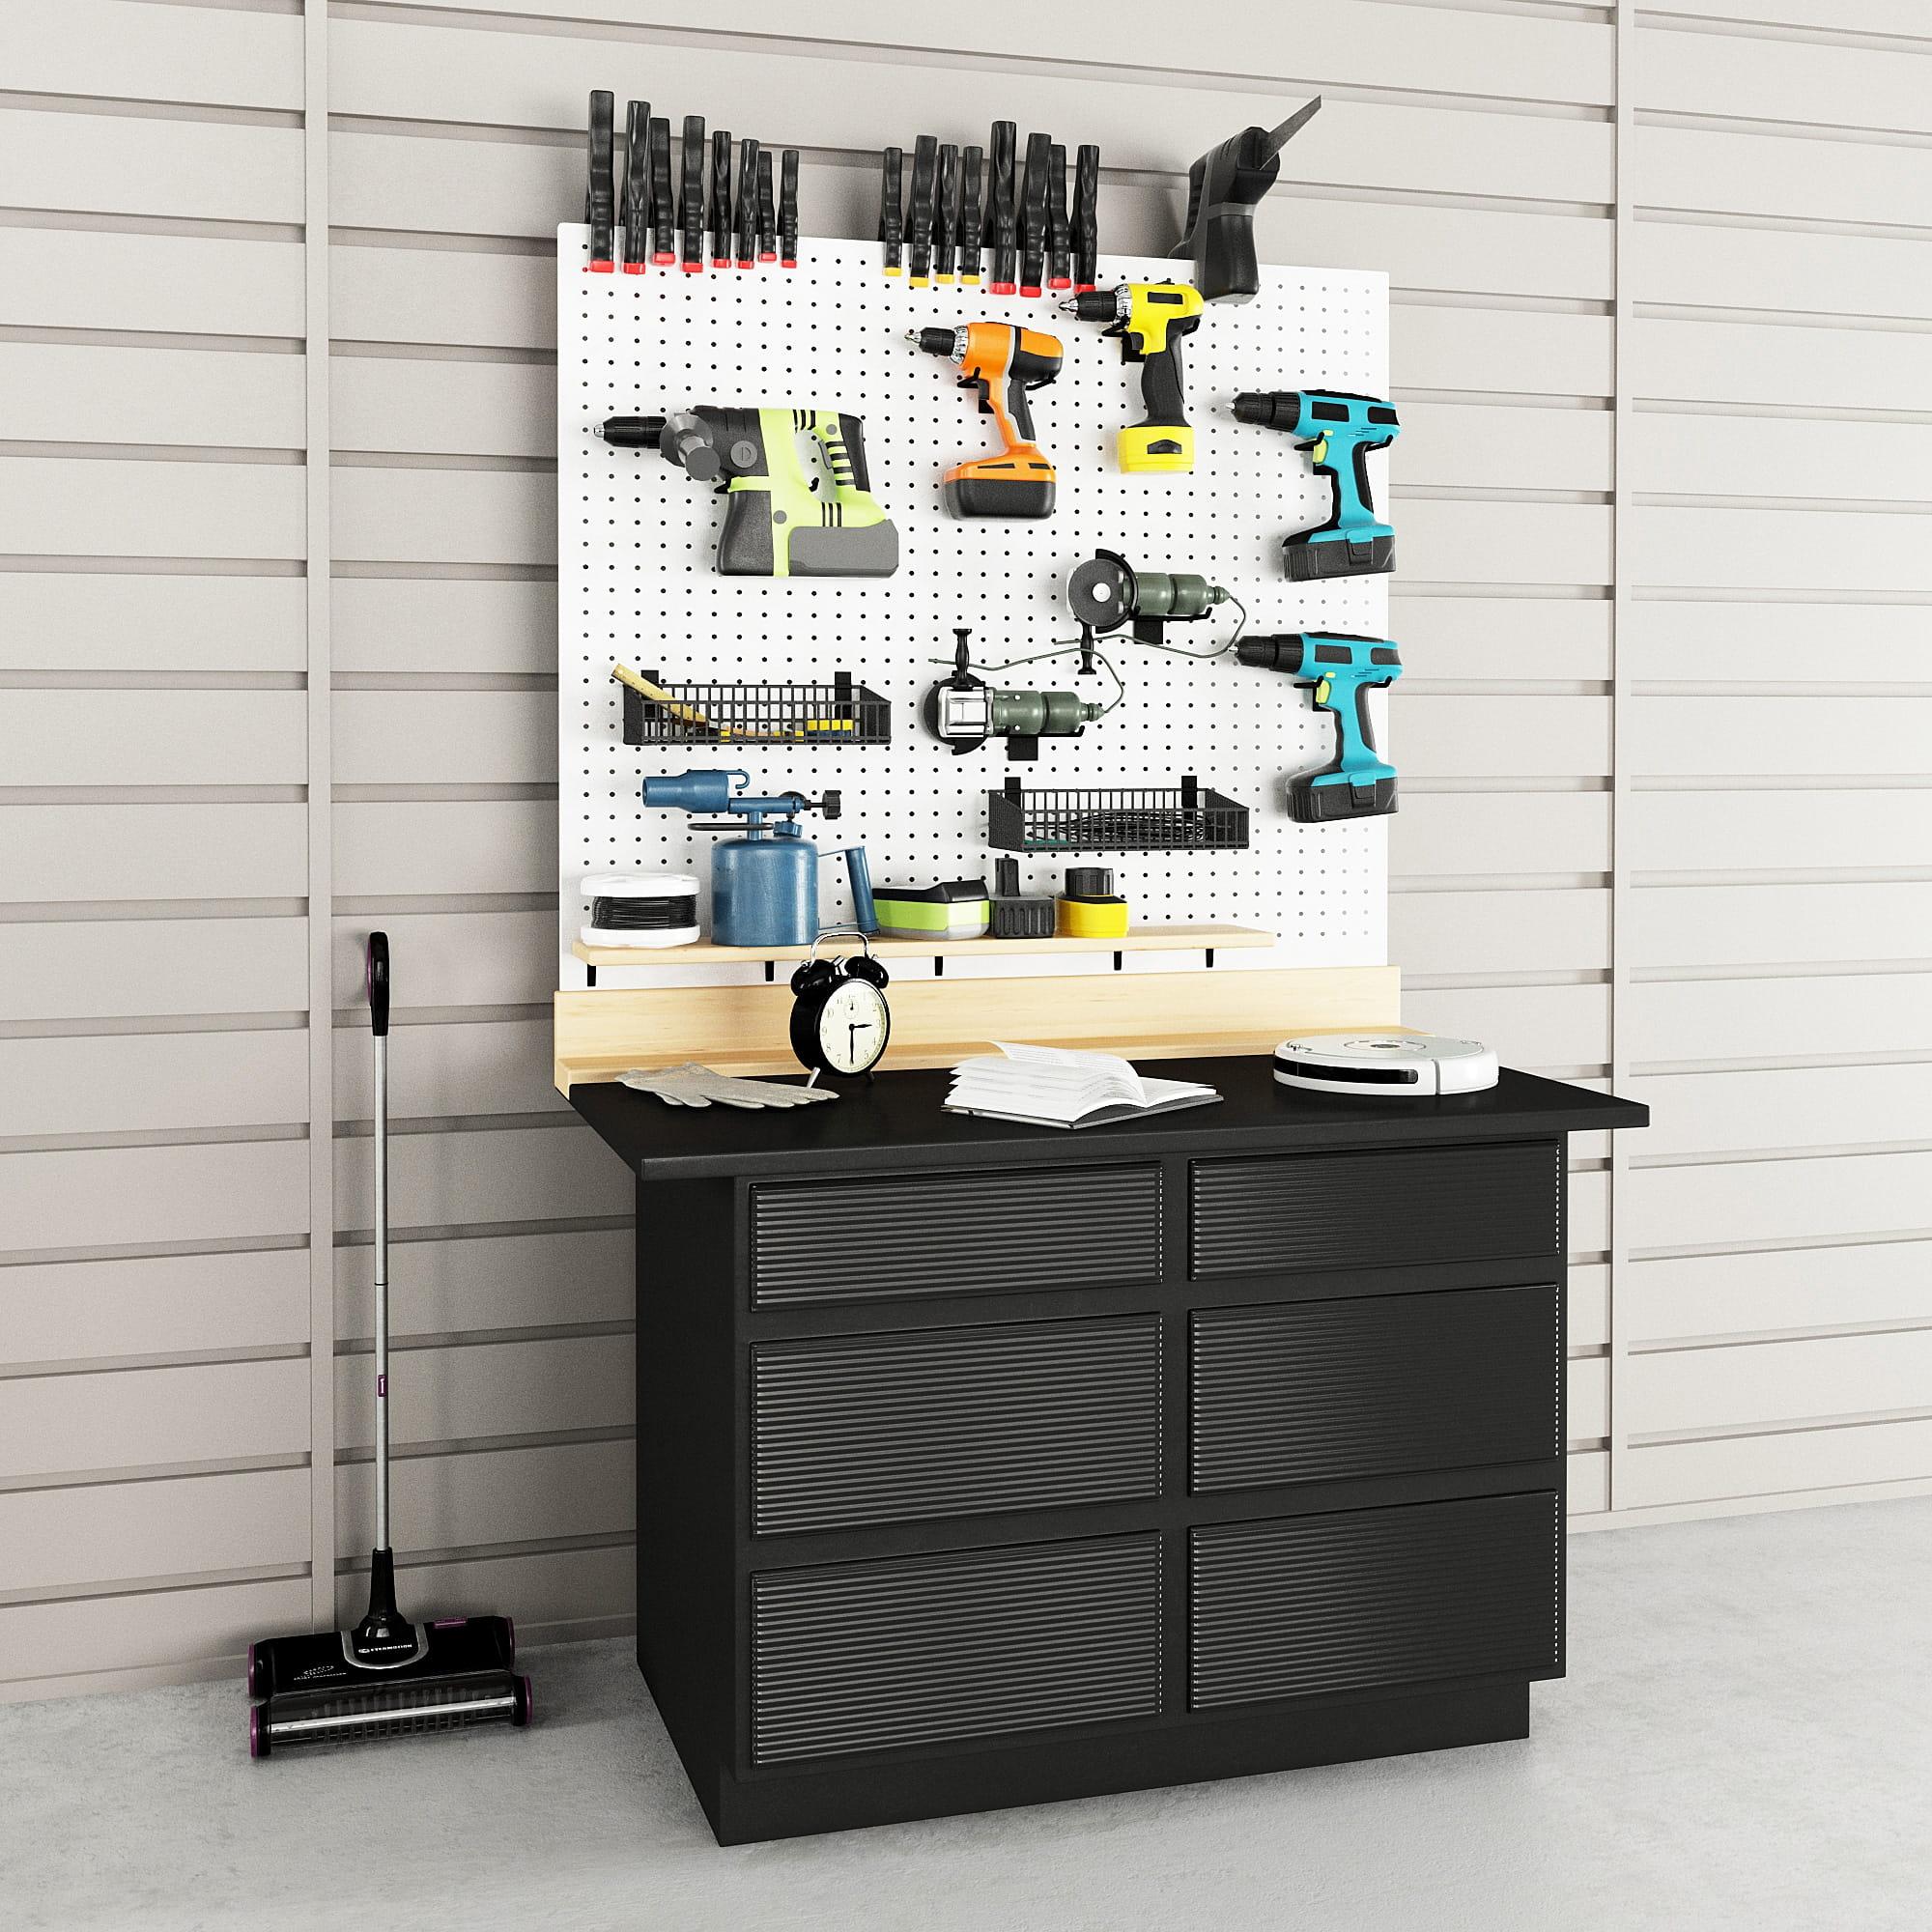 garage equipment 30 AM222 Archmodels